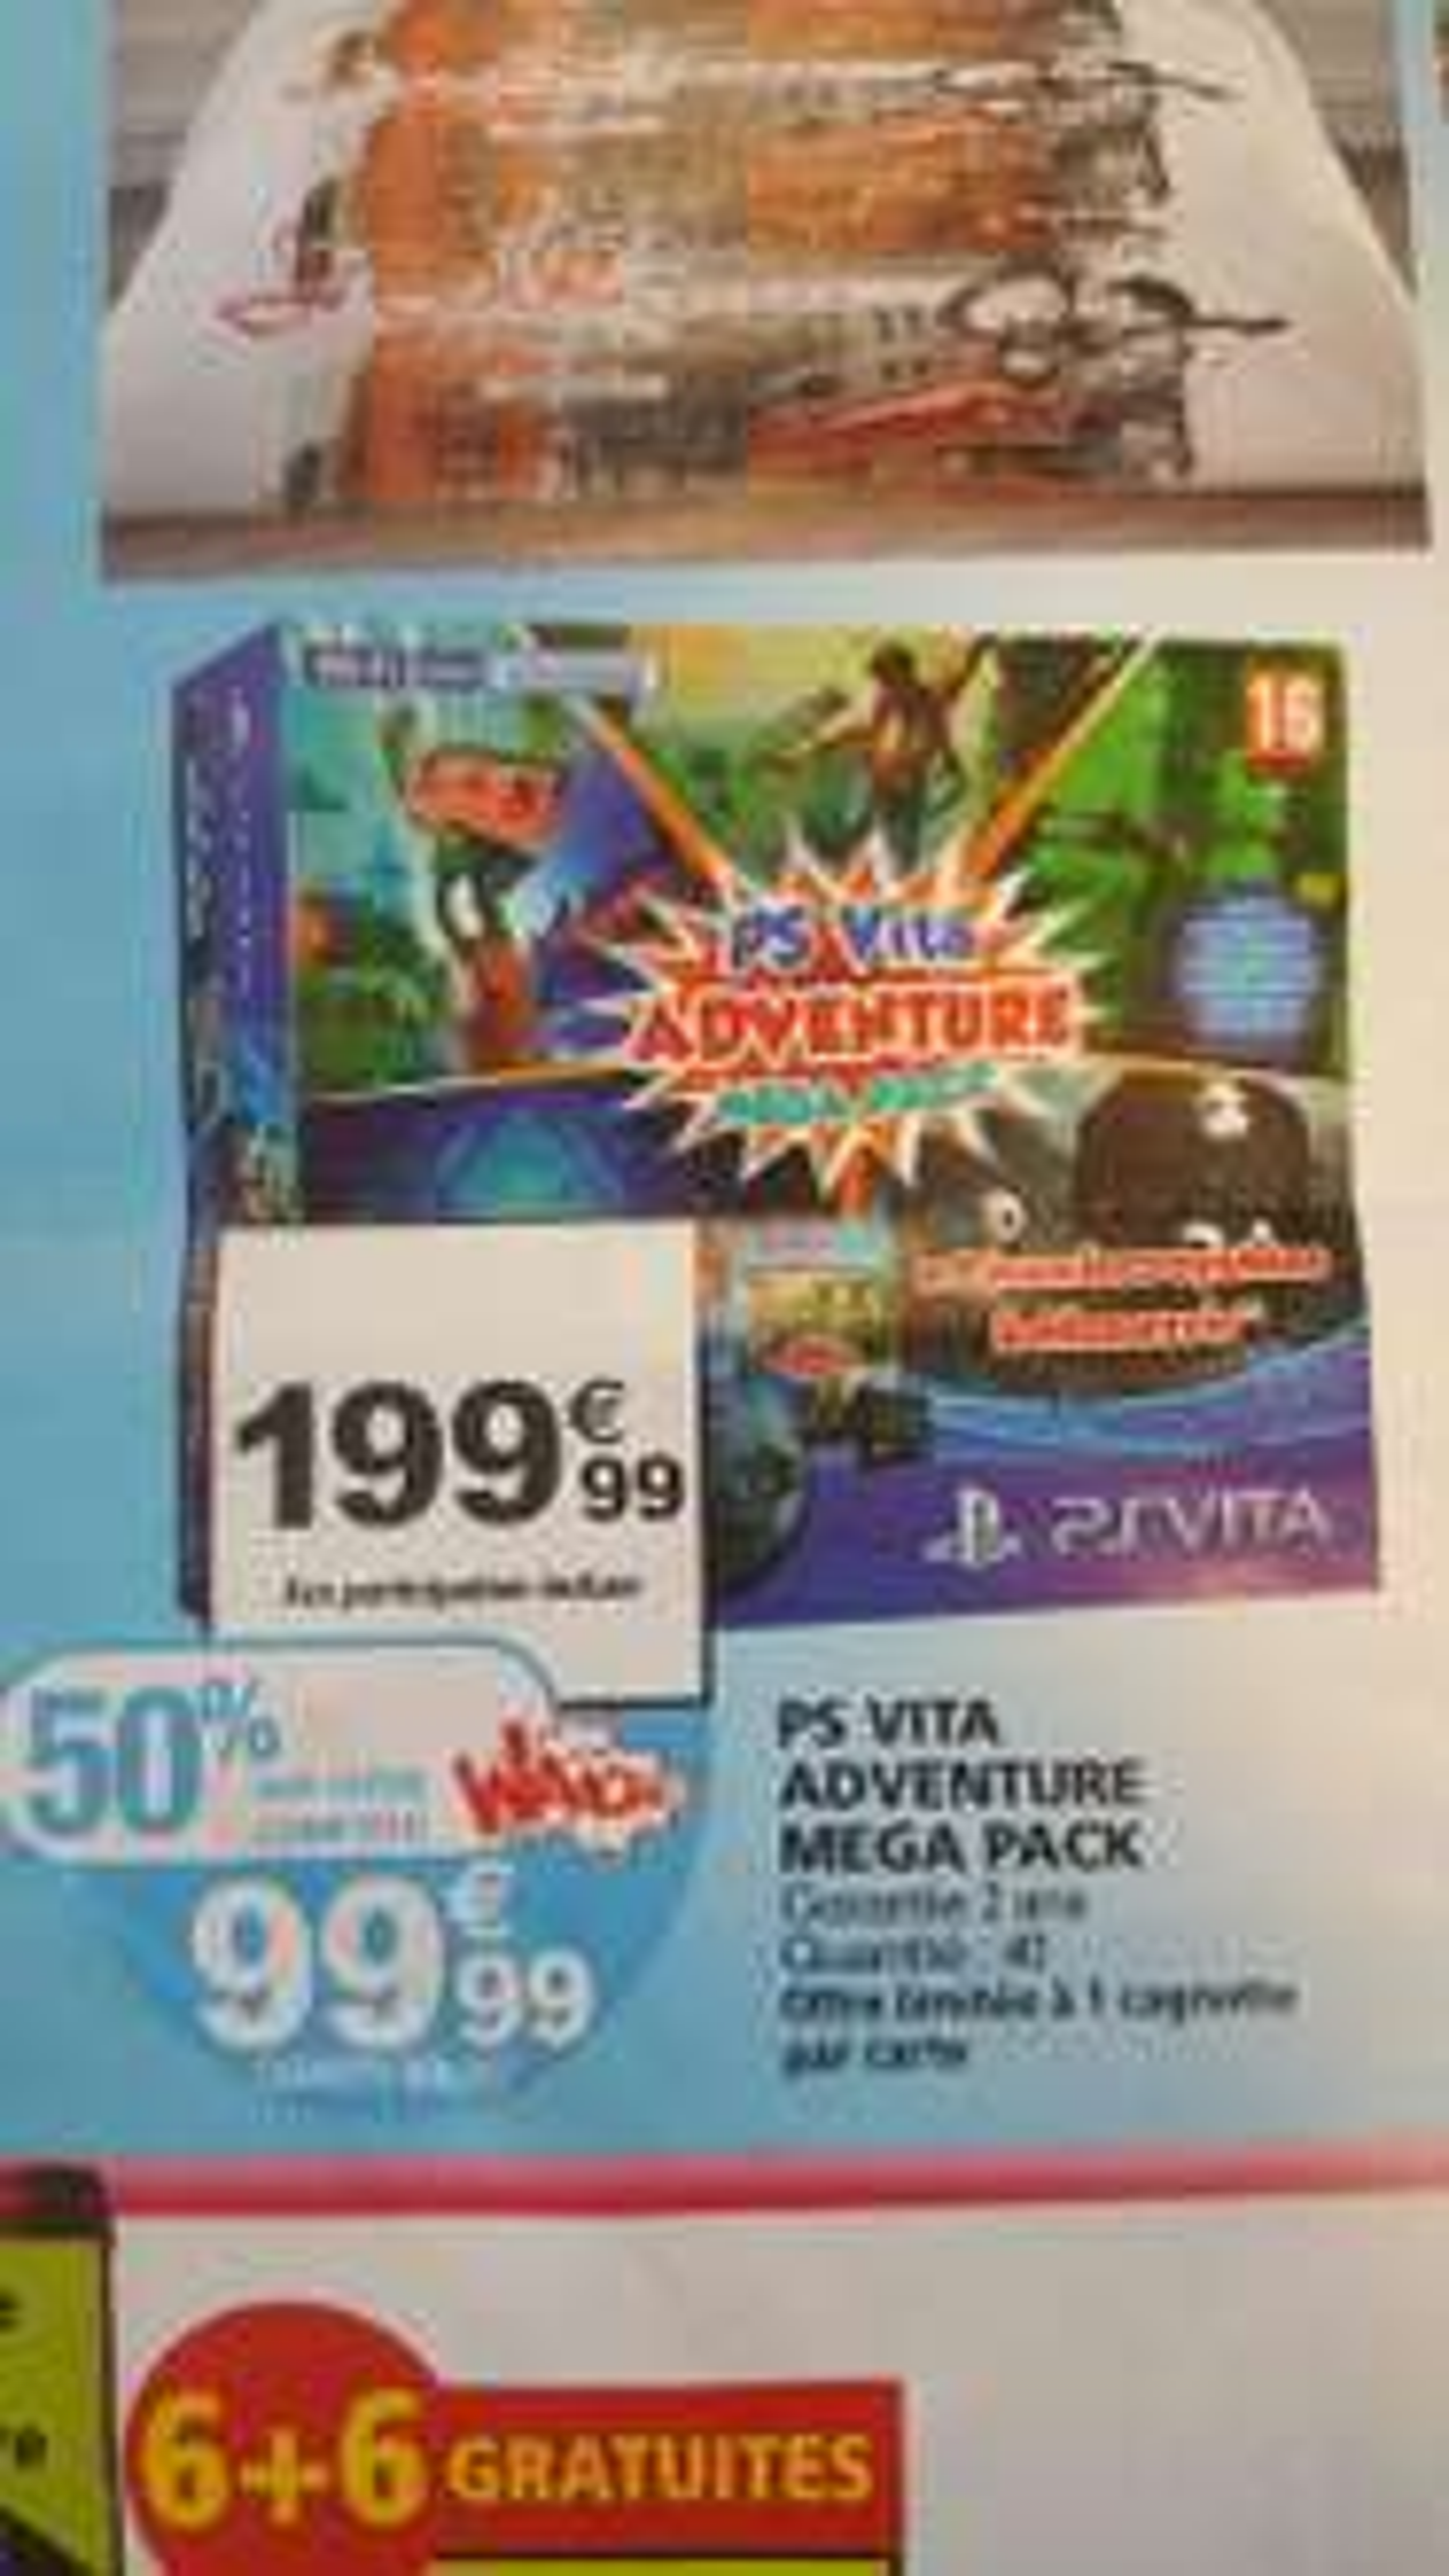 Console portable Sony PS Vita Adventure Mega Pack (avec 99,99€ sur la carte fidélité)